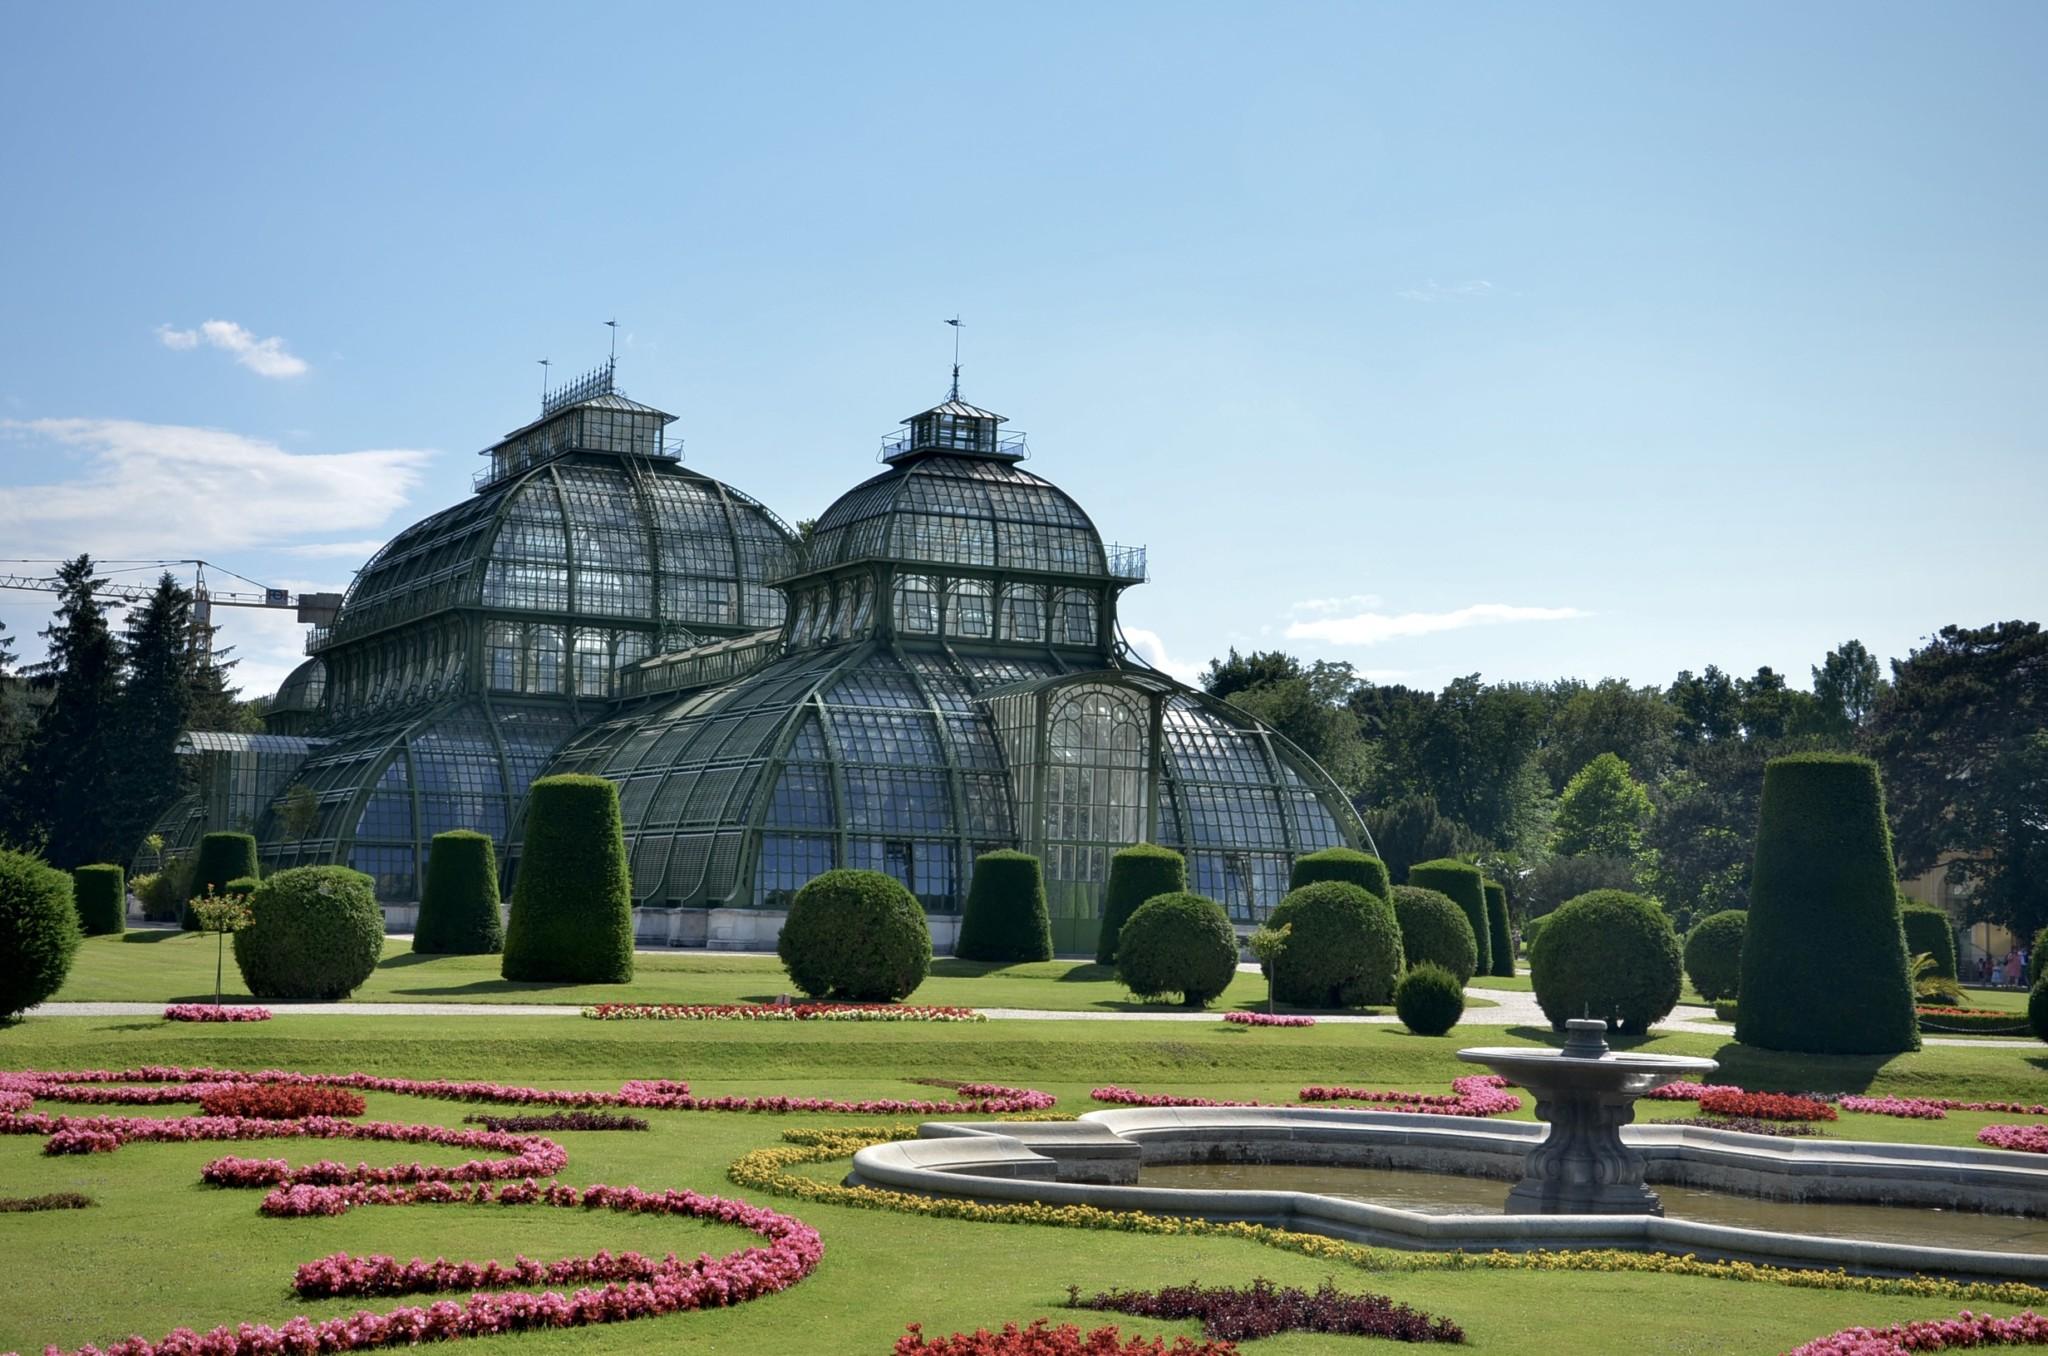 Das Wiener Palmenhaus ist eine der Top 10 Wien Sehenswürdigkeiten